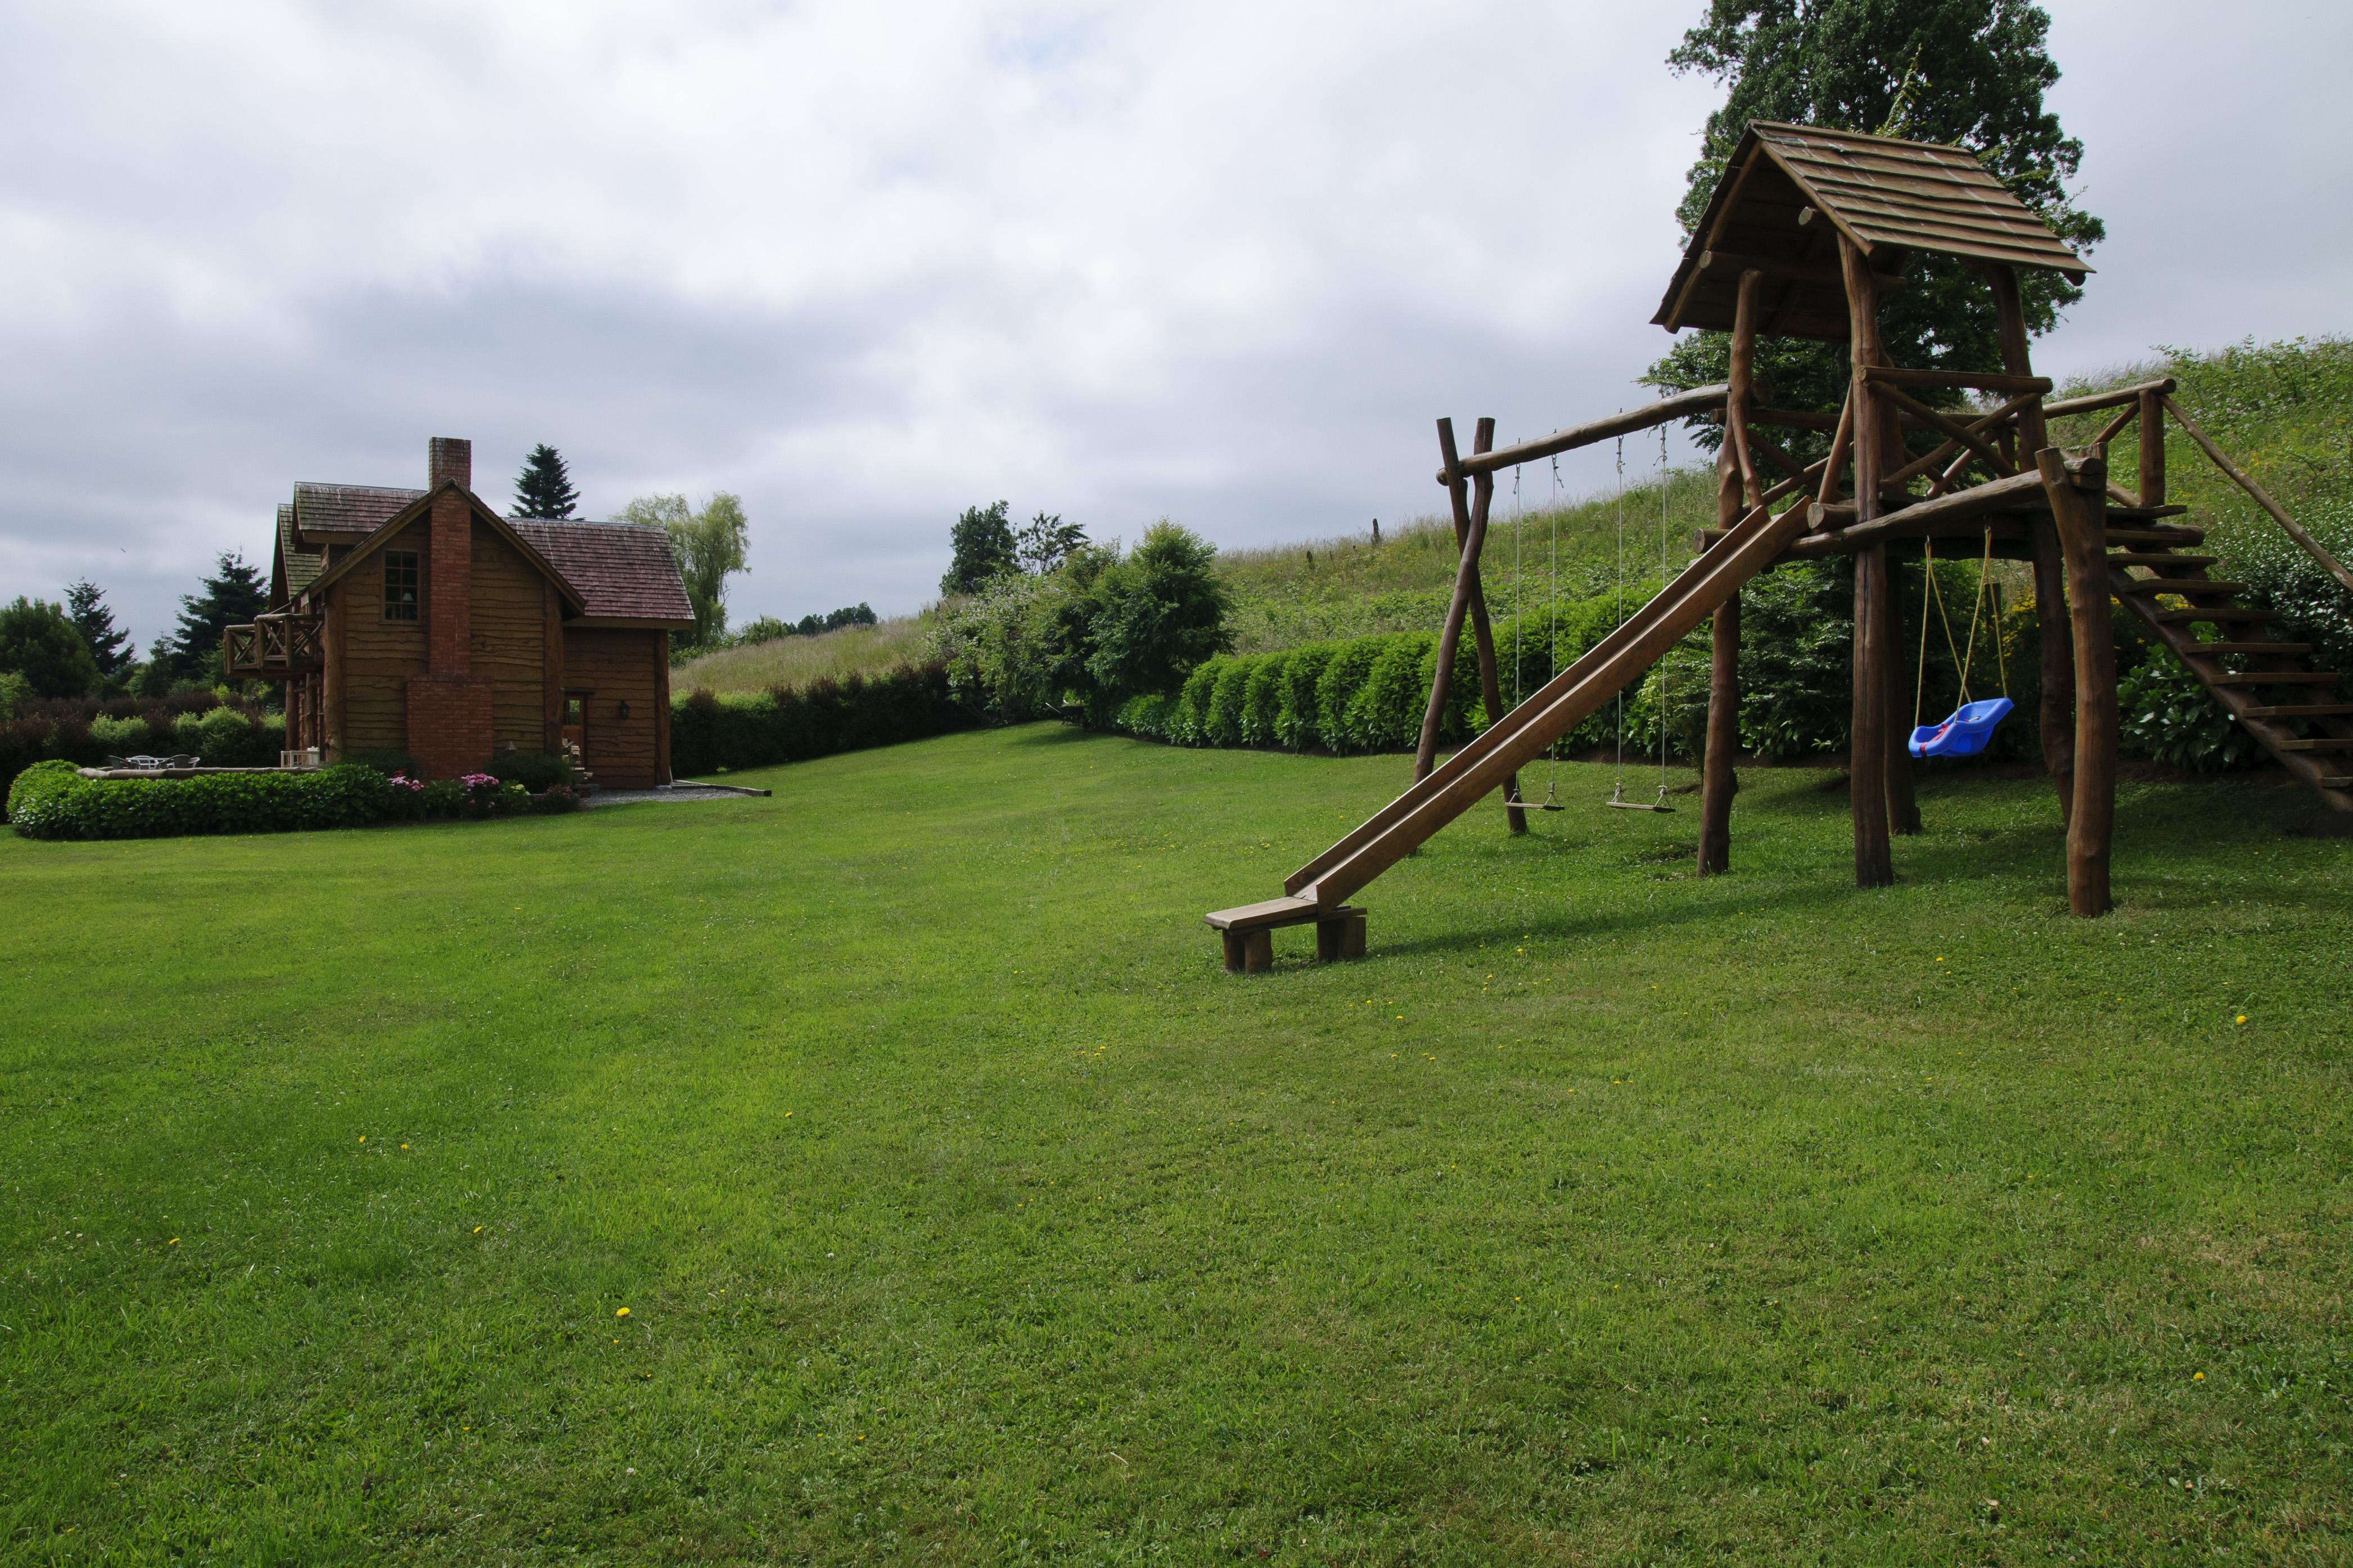 free images grass lawn meadow city park backyard nikon